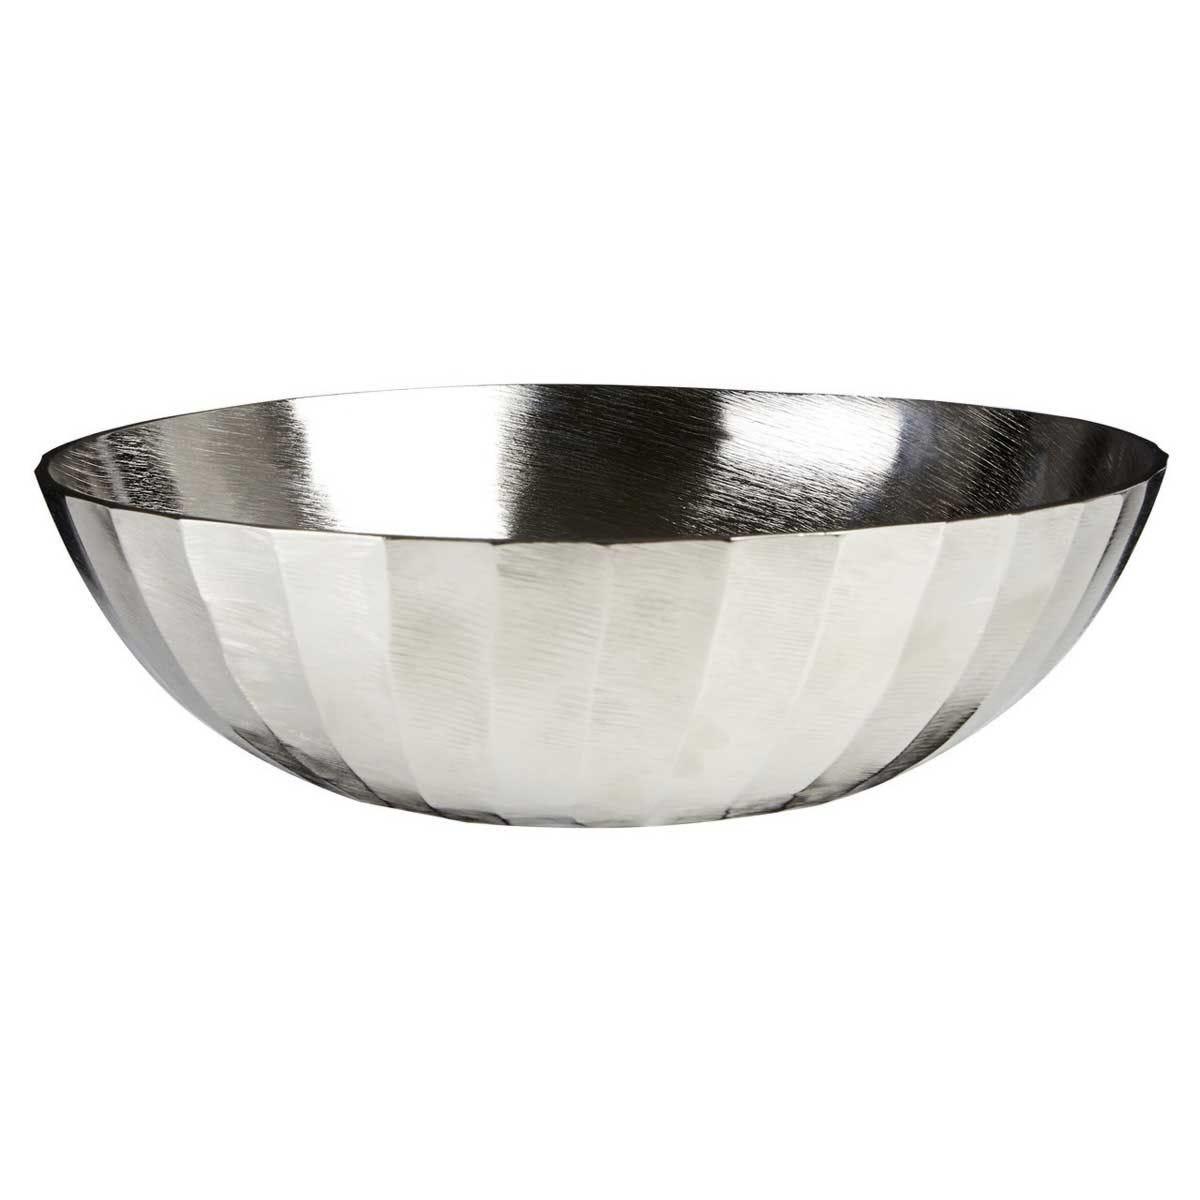 Premier Housewares Kensington Townhouse Nickle Bowl